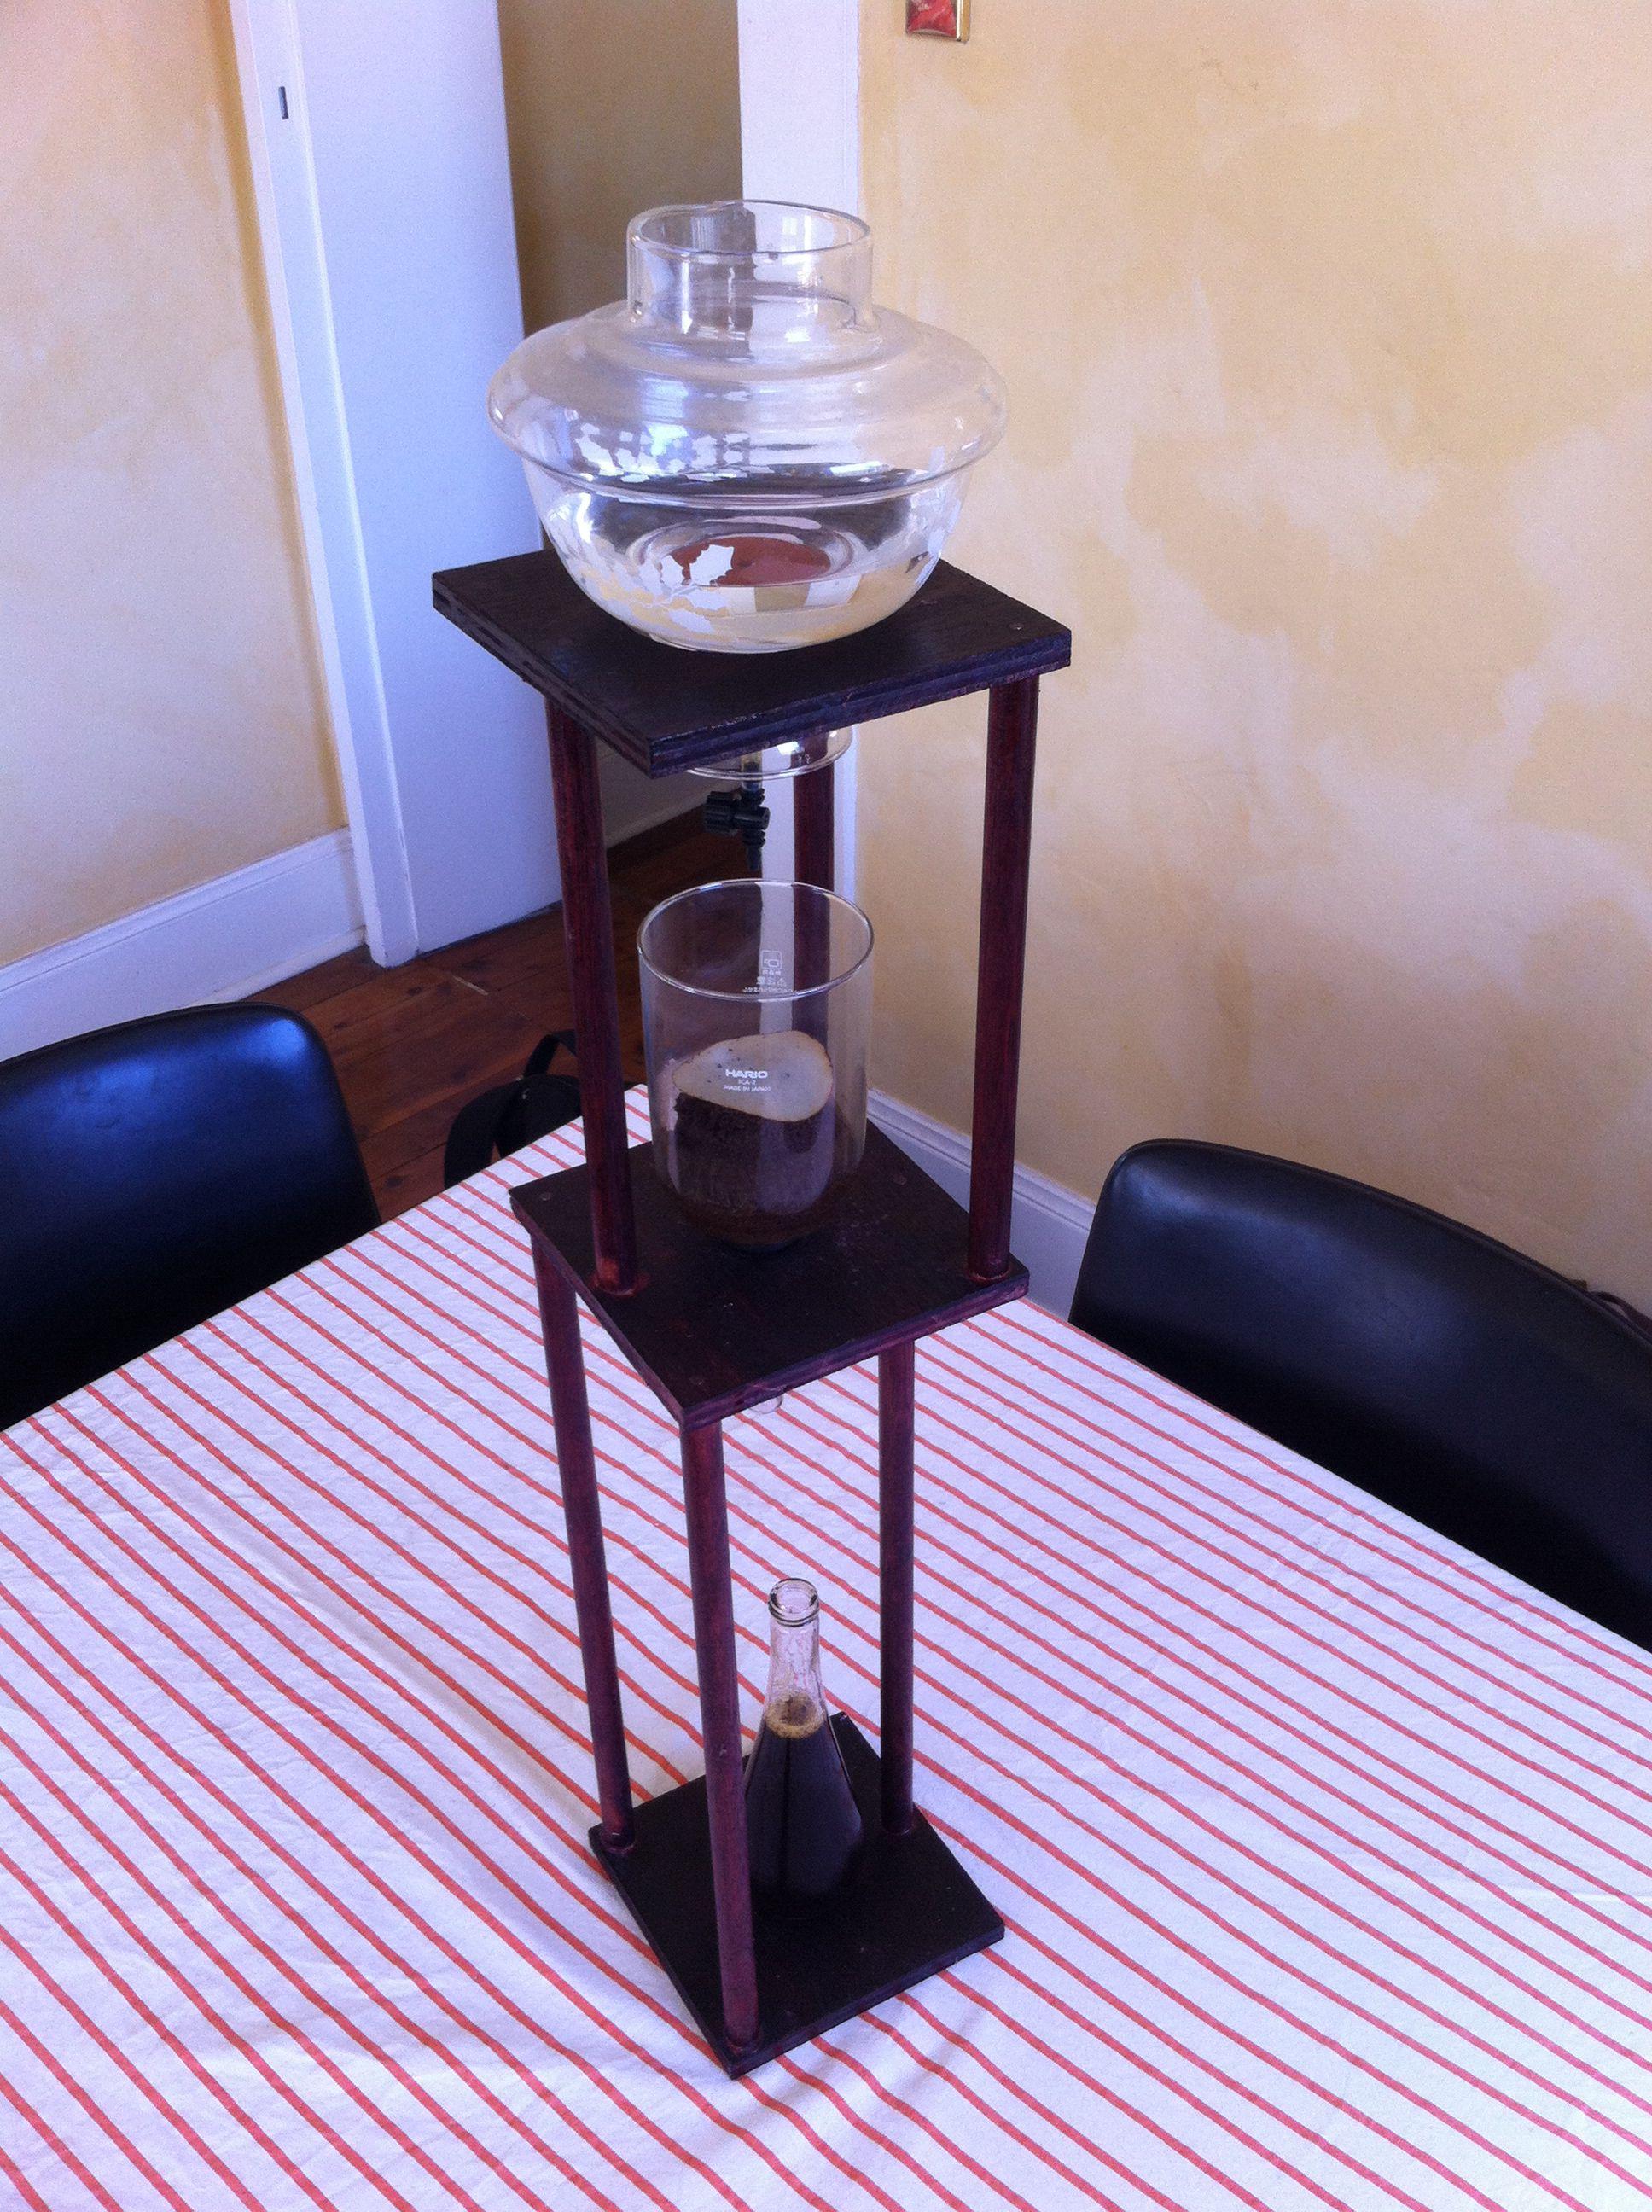 Diy cold drip cold brew cold brew coffee maker cold drip